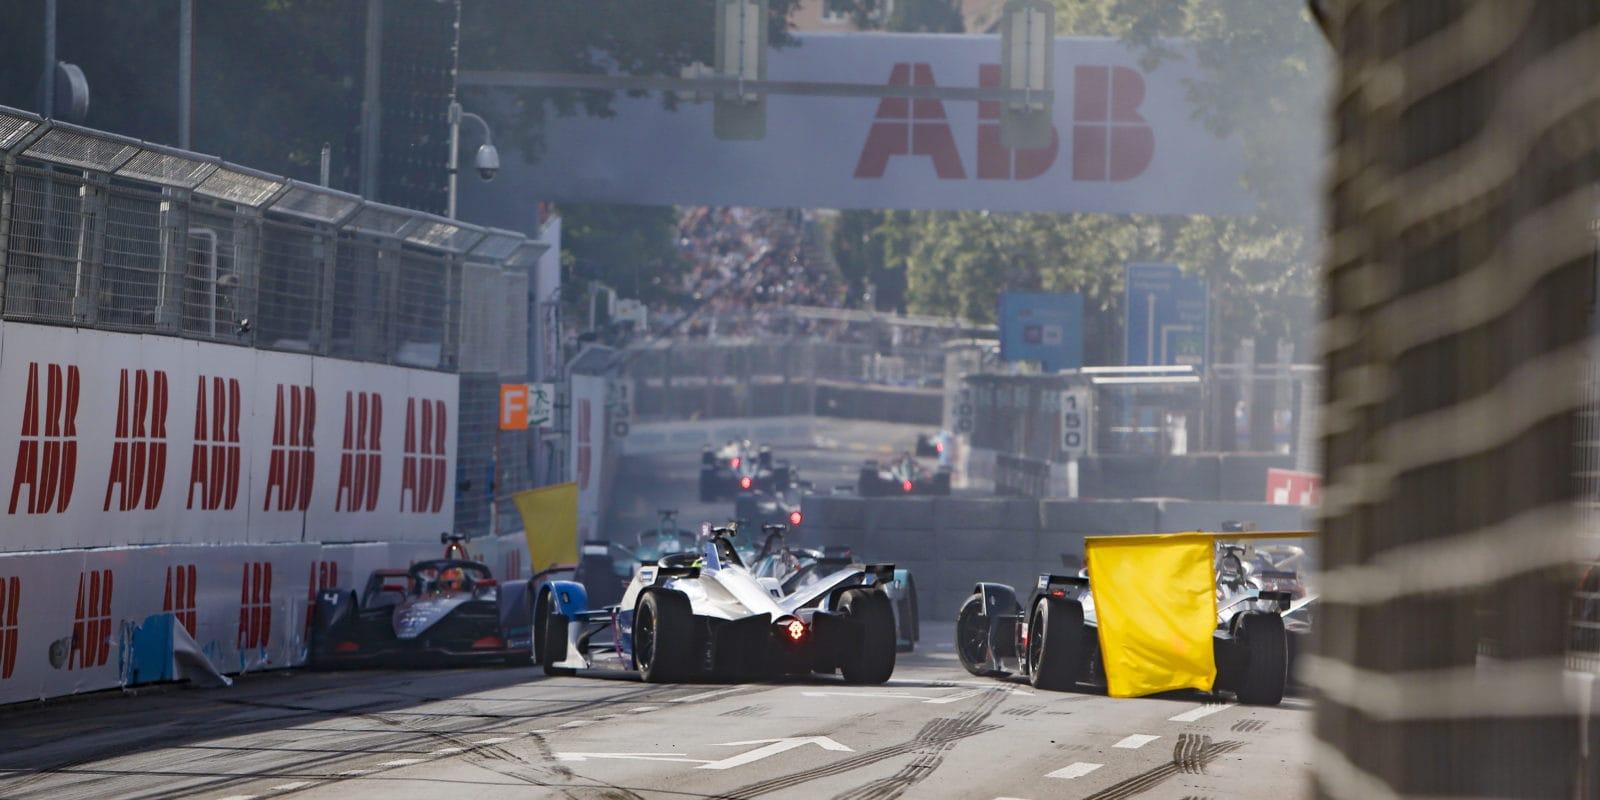 Nespokojení jezdci se hádali s ředitelstvím závodu